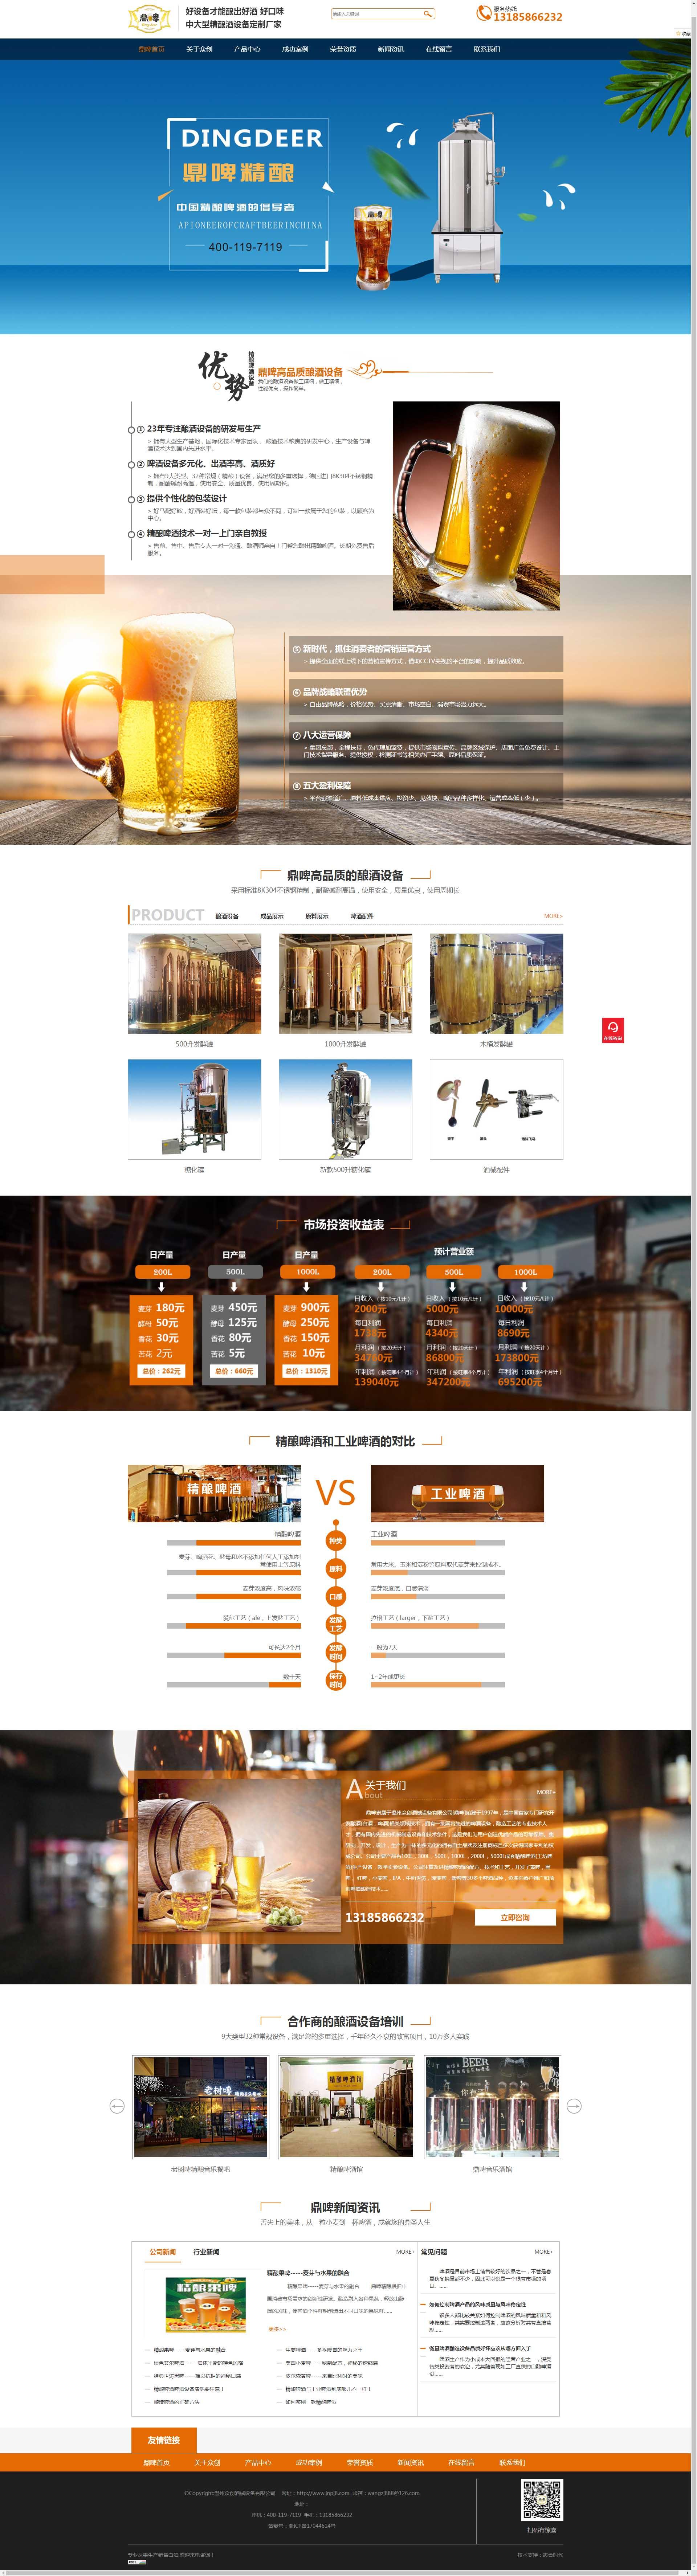 众创酒械网站建设